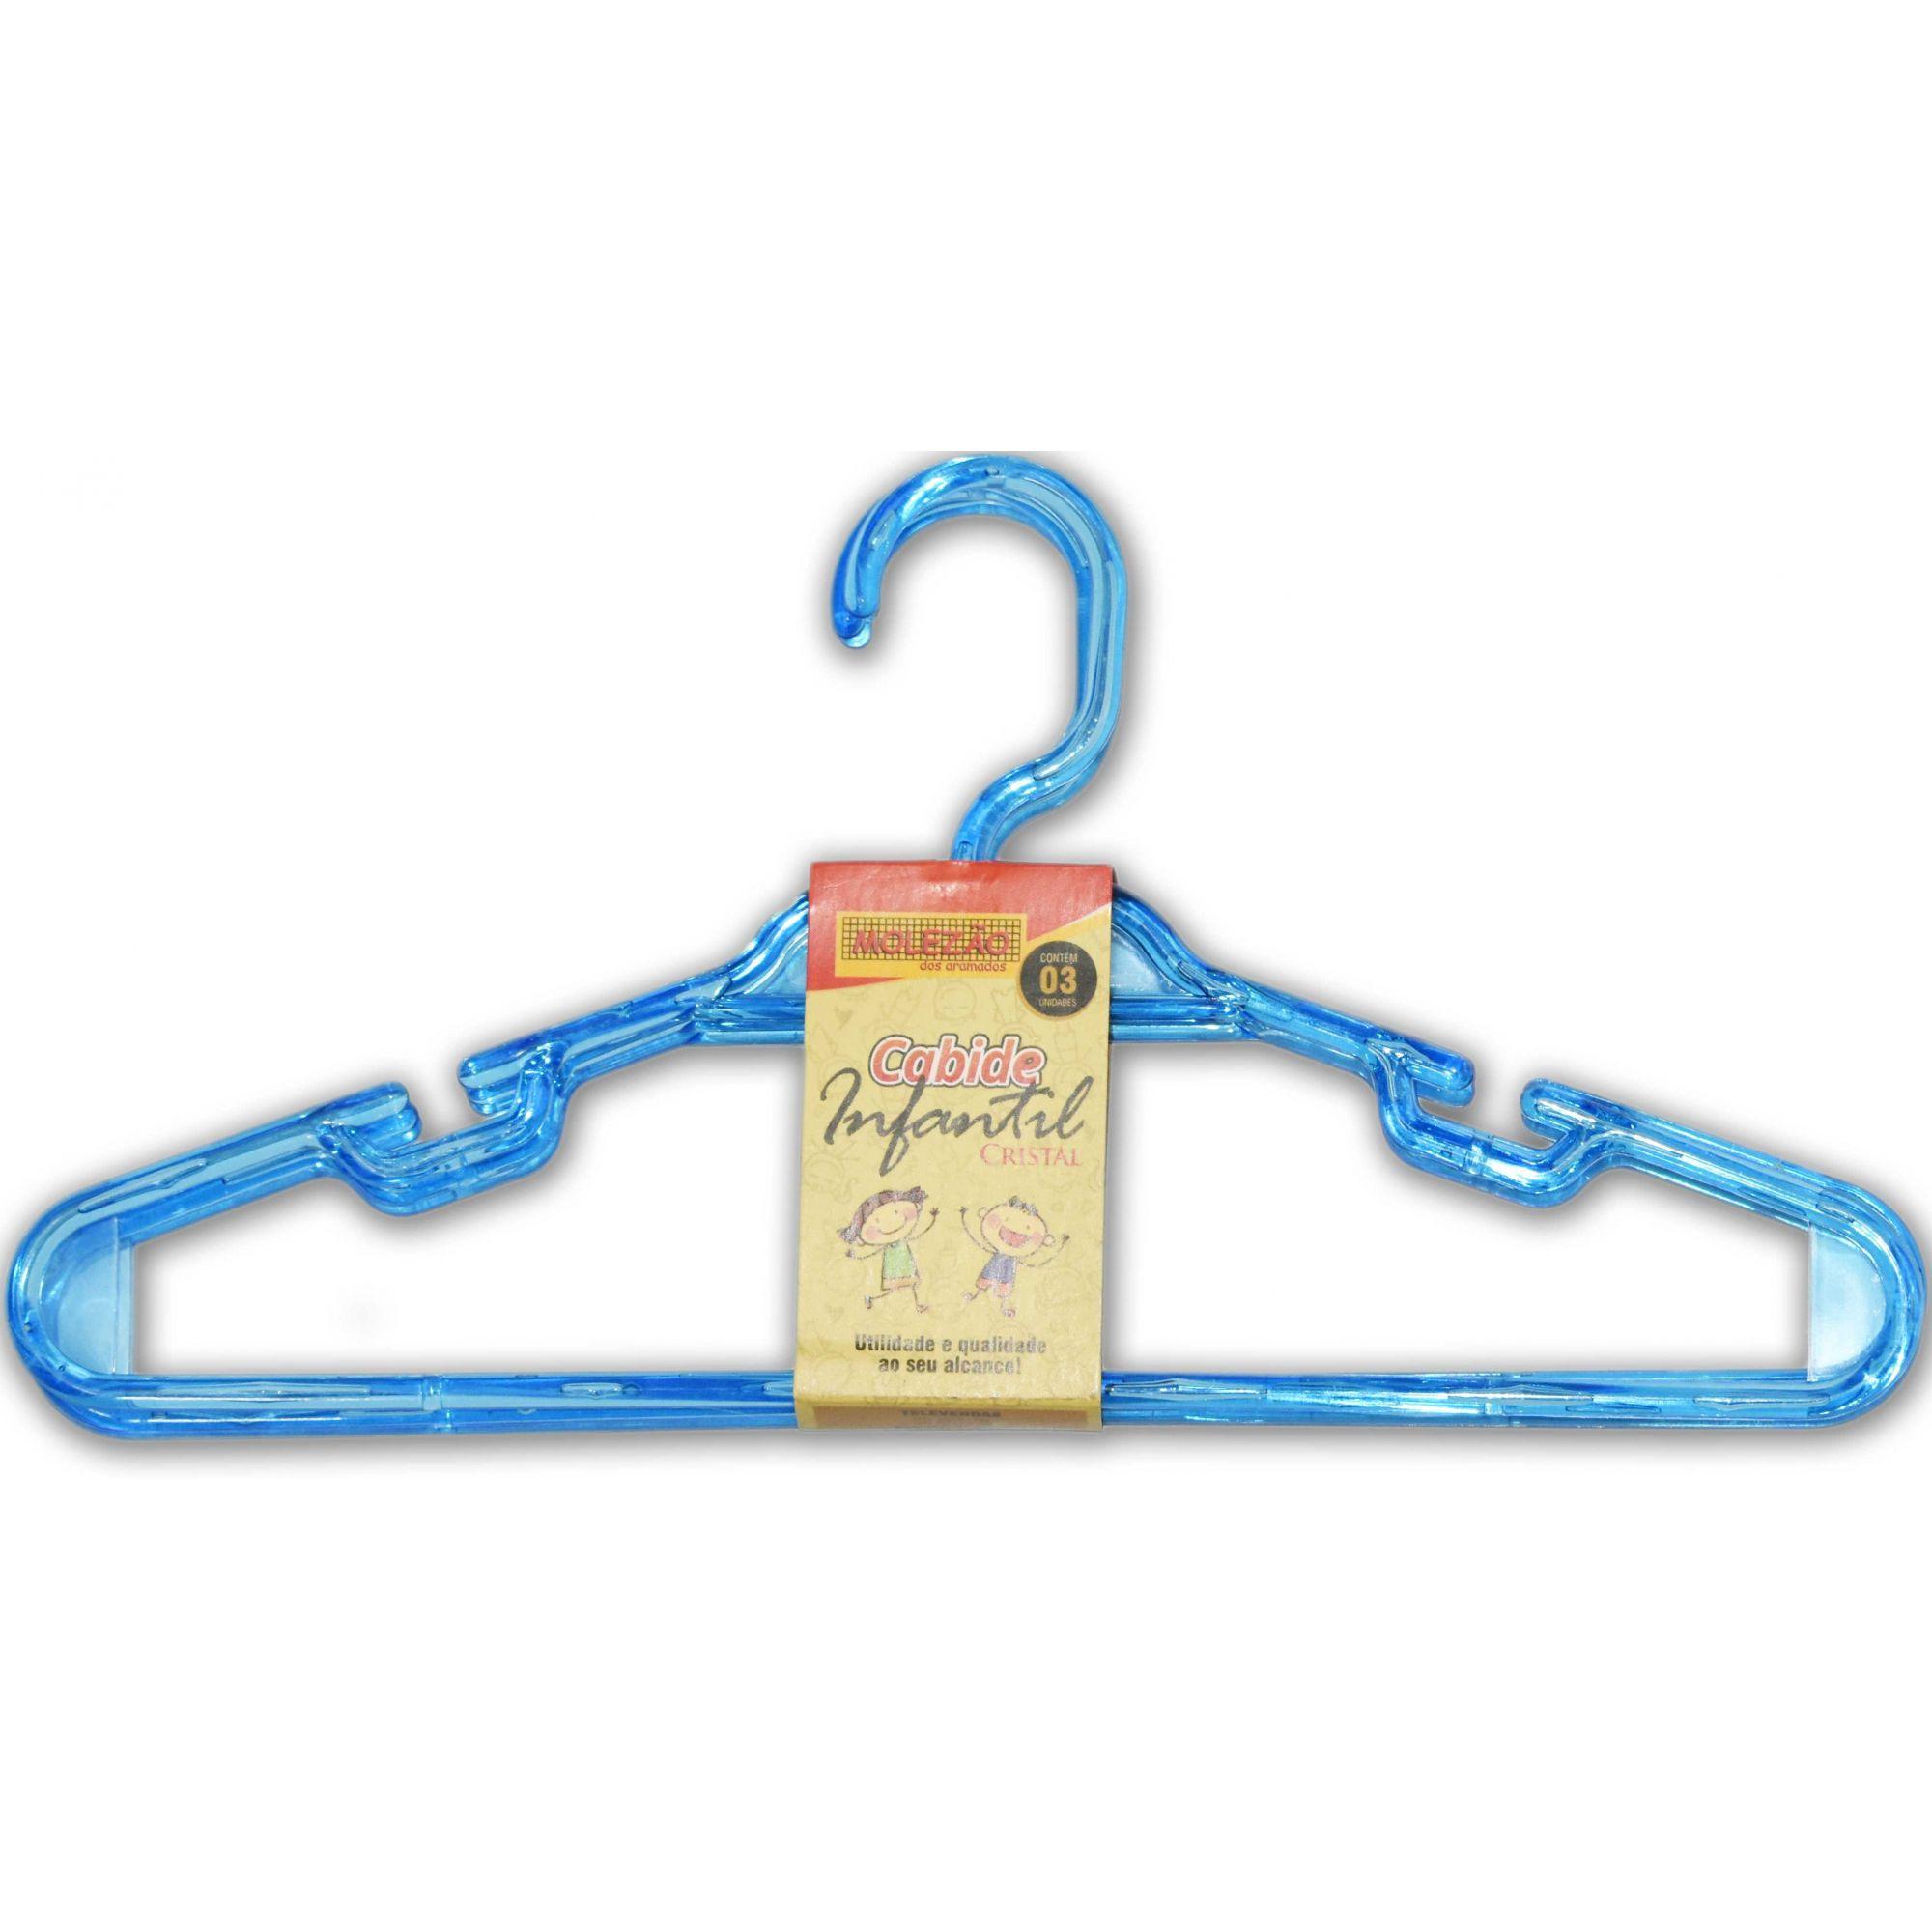 CABIDE  INFANTIL CRISTAL Kit c\3